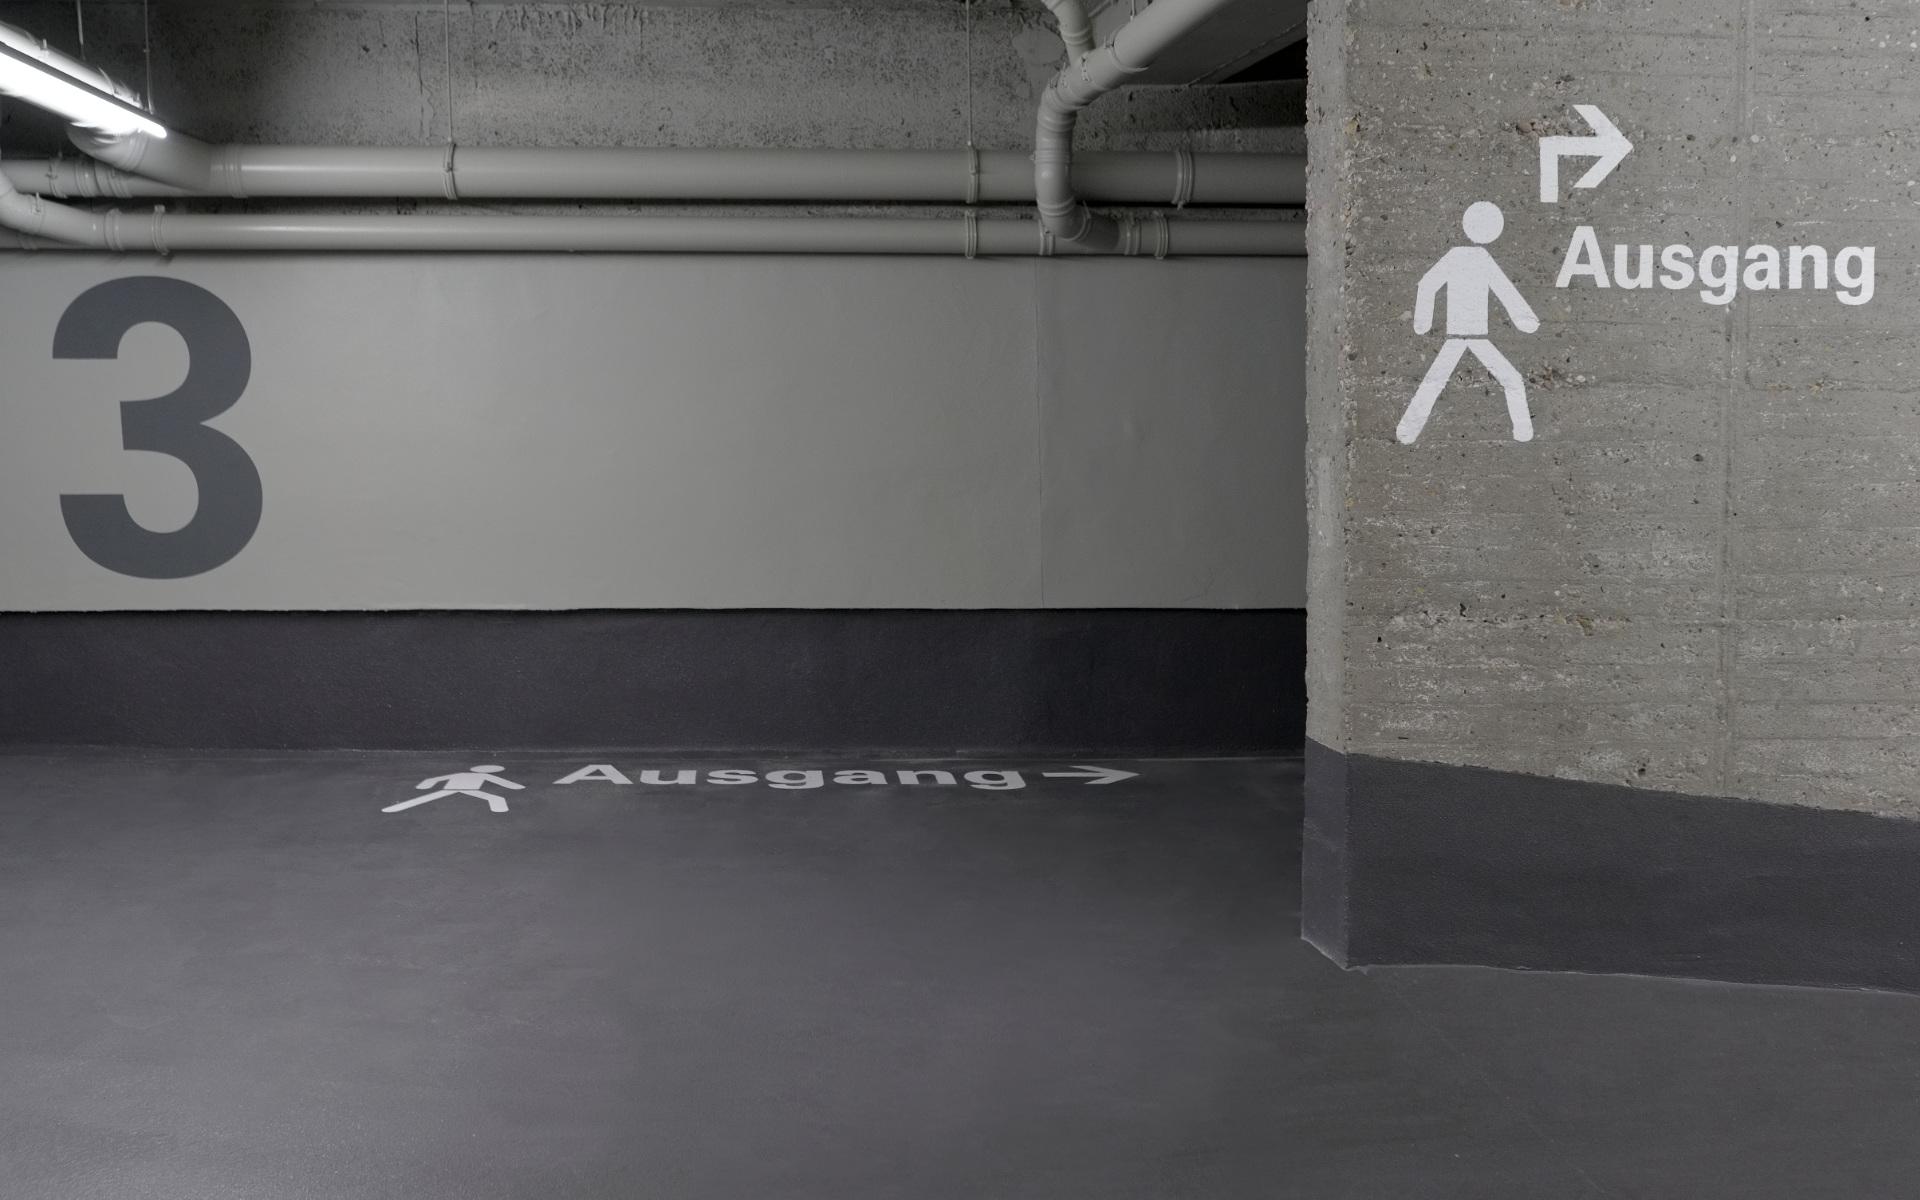 Parkhausorientierung Beschilderung Leitsystem Wandbeschriftung Design Berlin